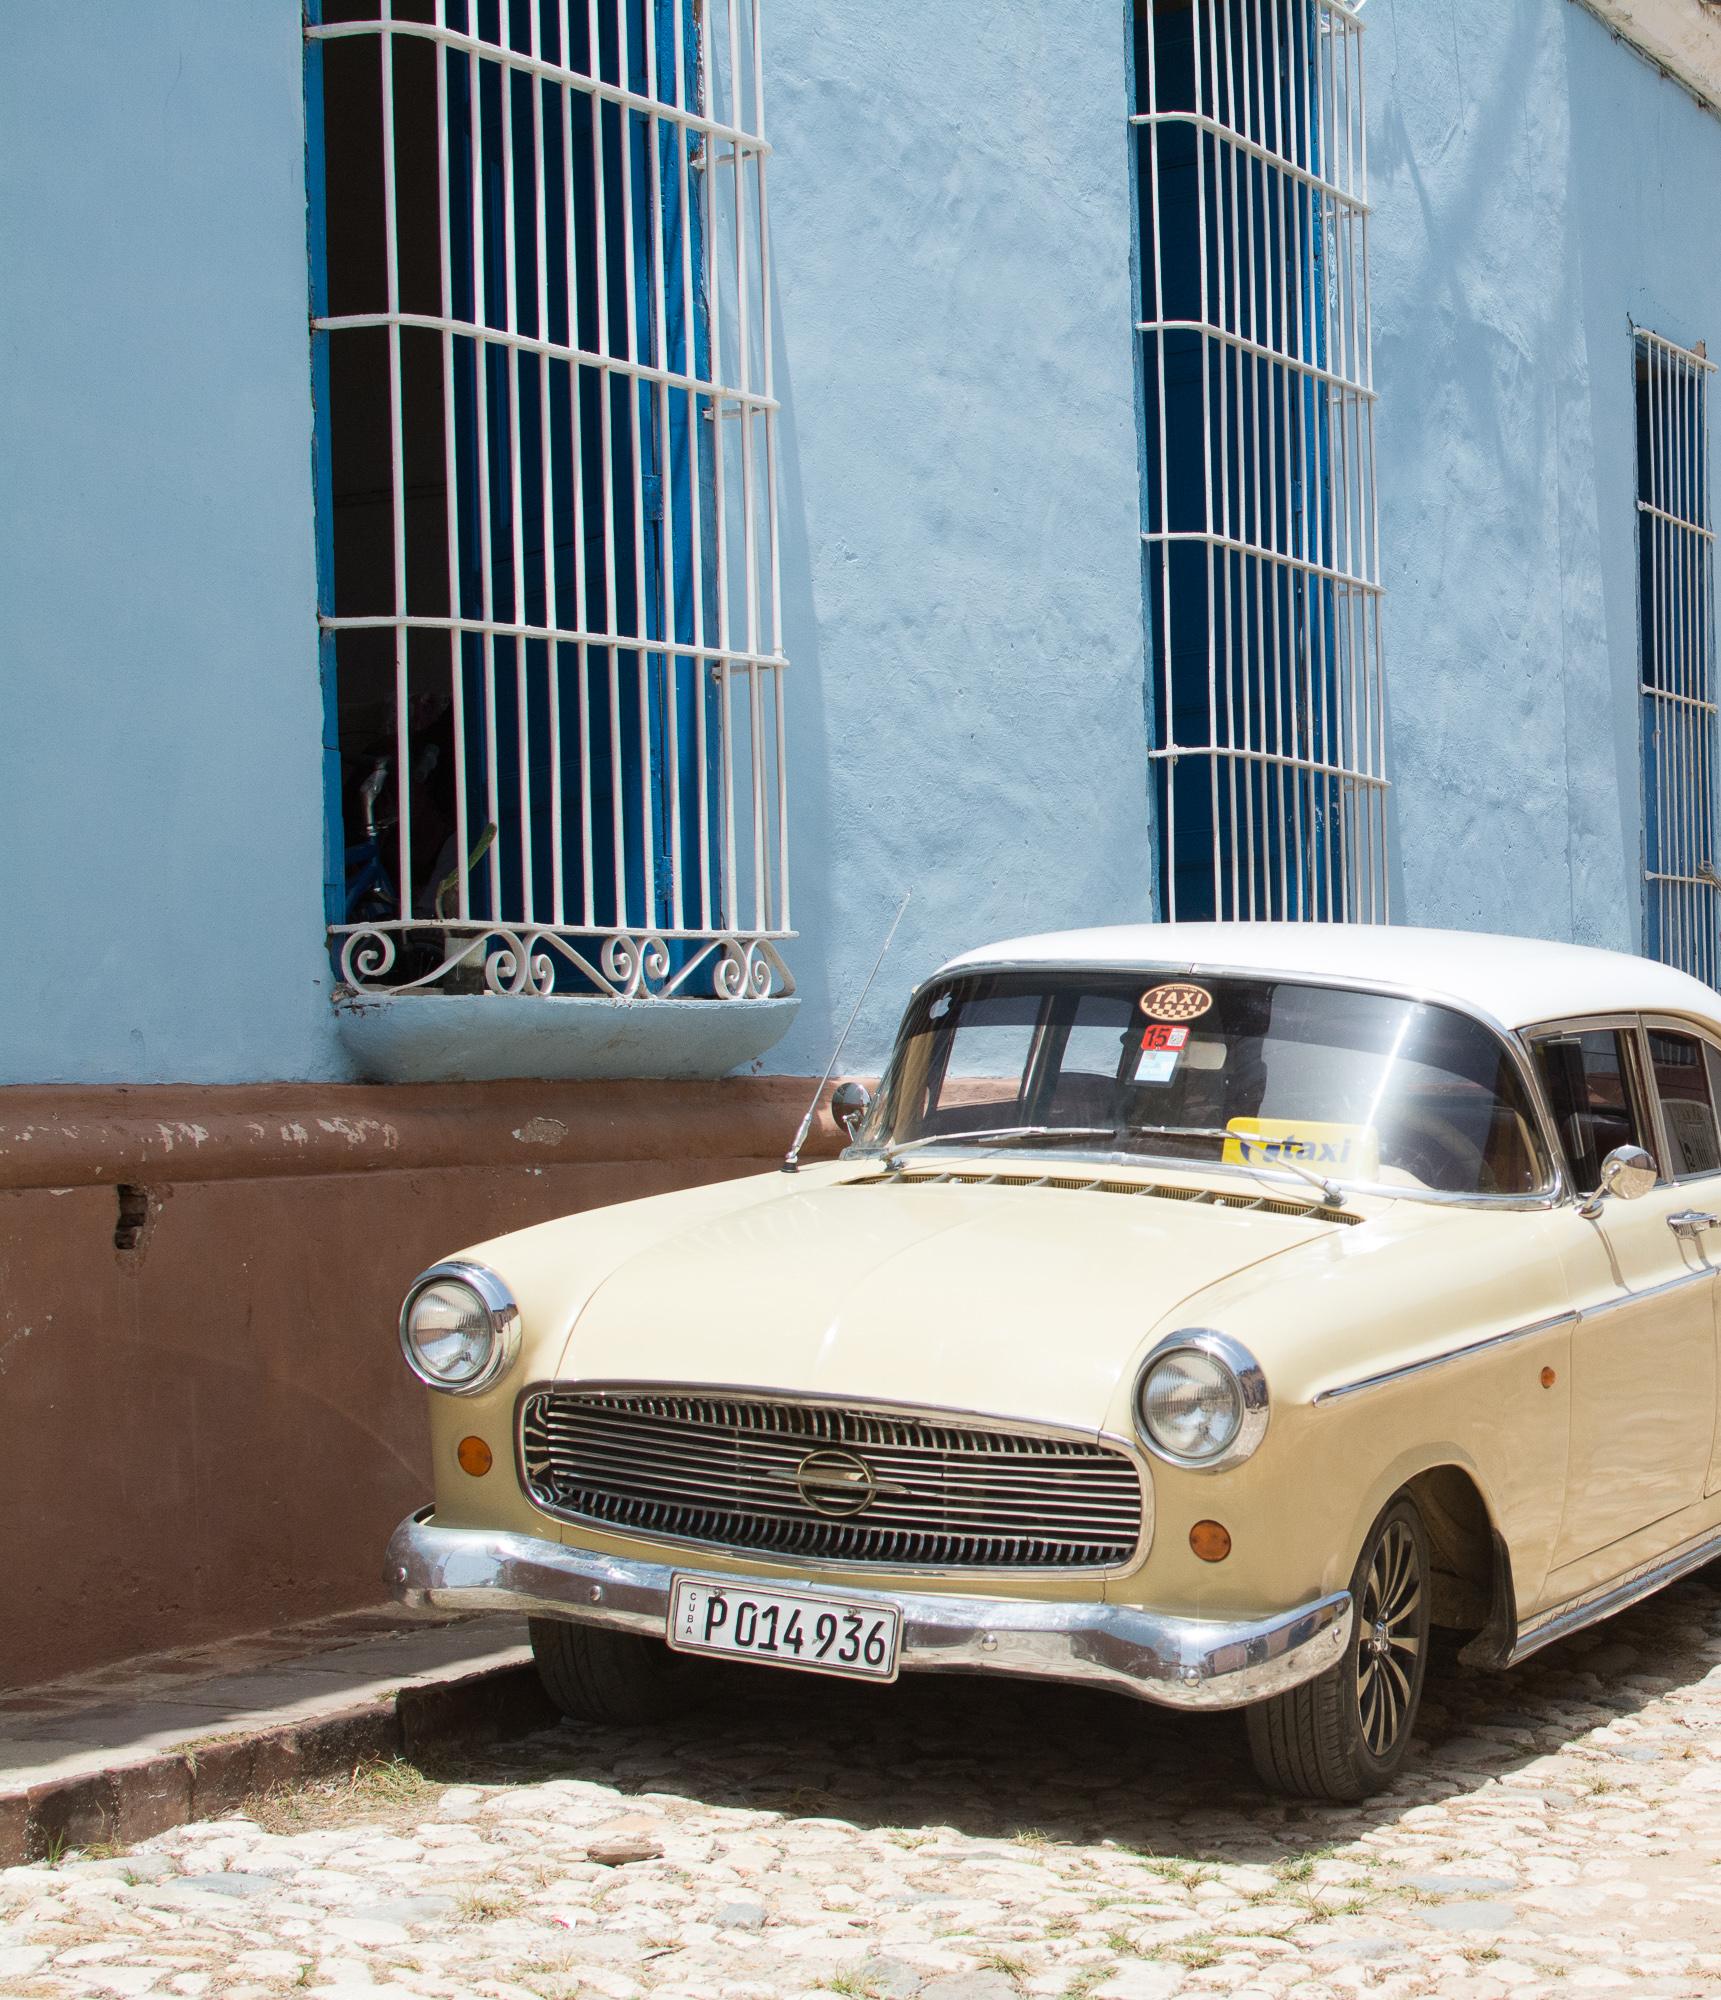 Trinidad, Cuba  July 2017